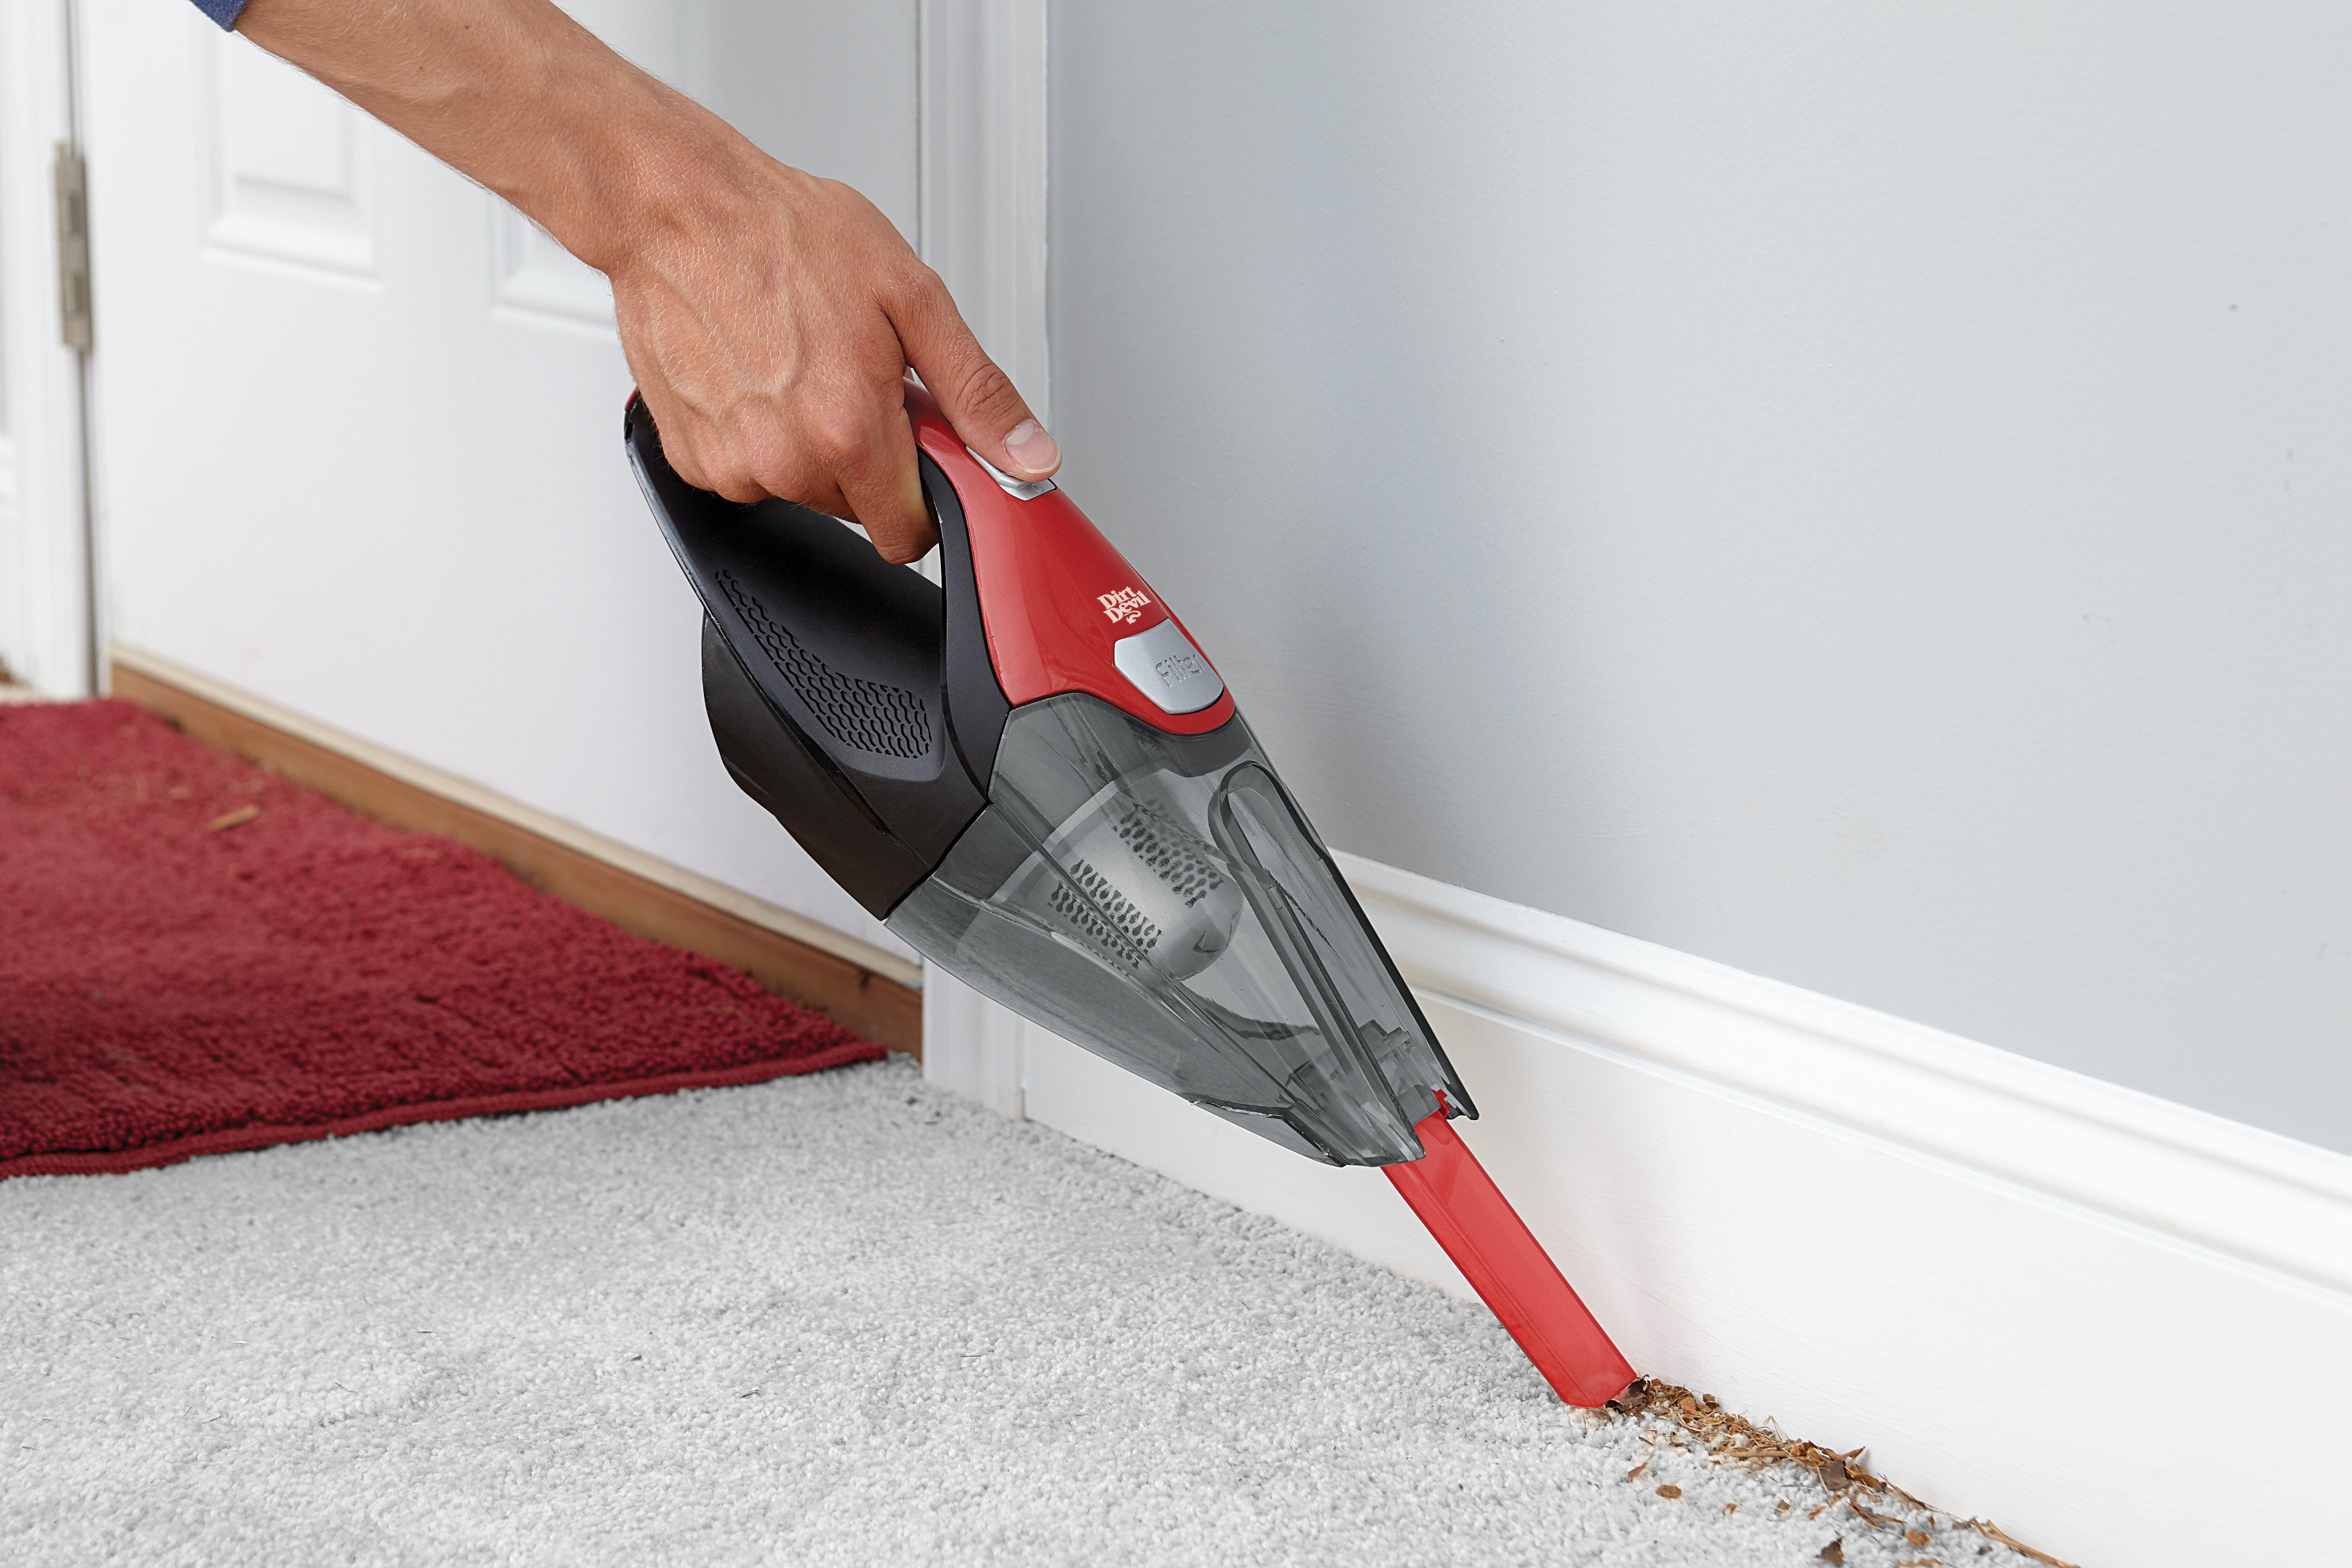 Quick Flip Plus Cordless Hand Vacuum4